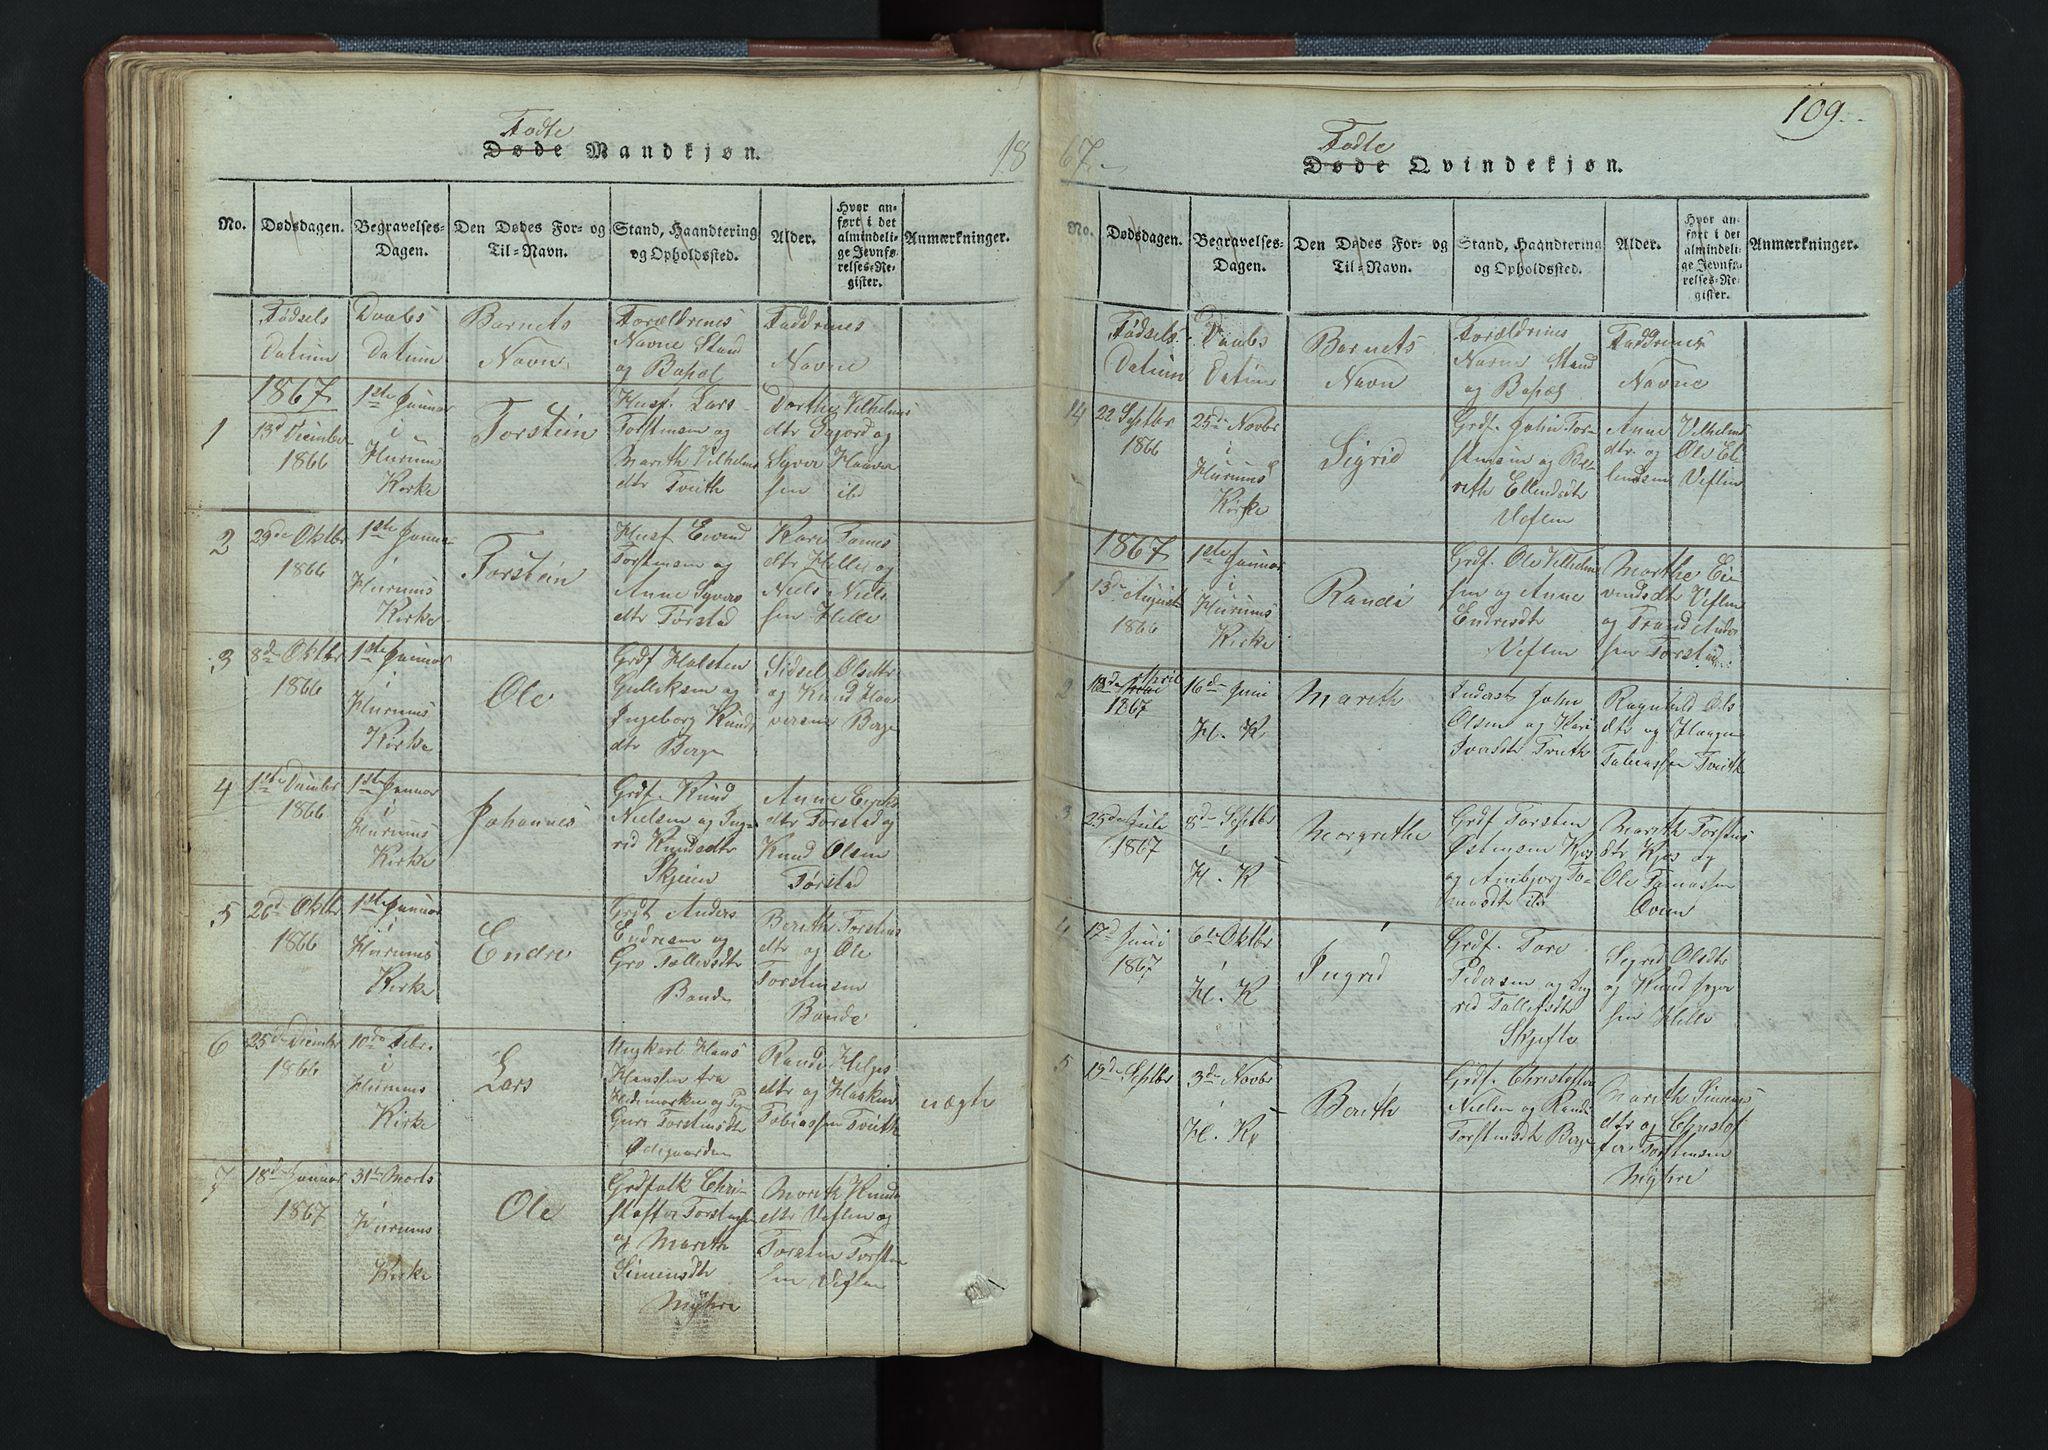 SAH, Vang prestekontor, Valdres, Klokkerbok nr. 3, 1814-1892, s. 109